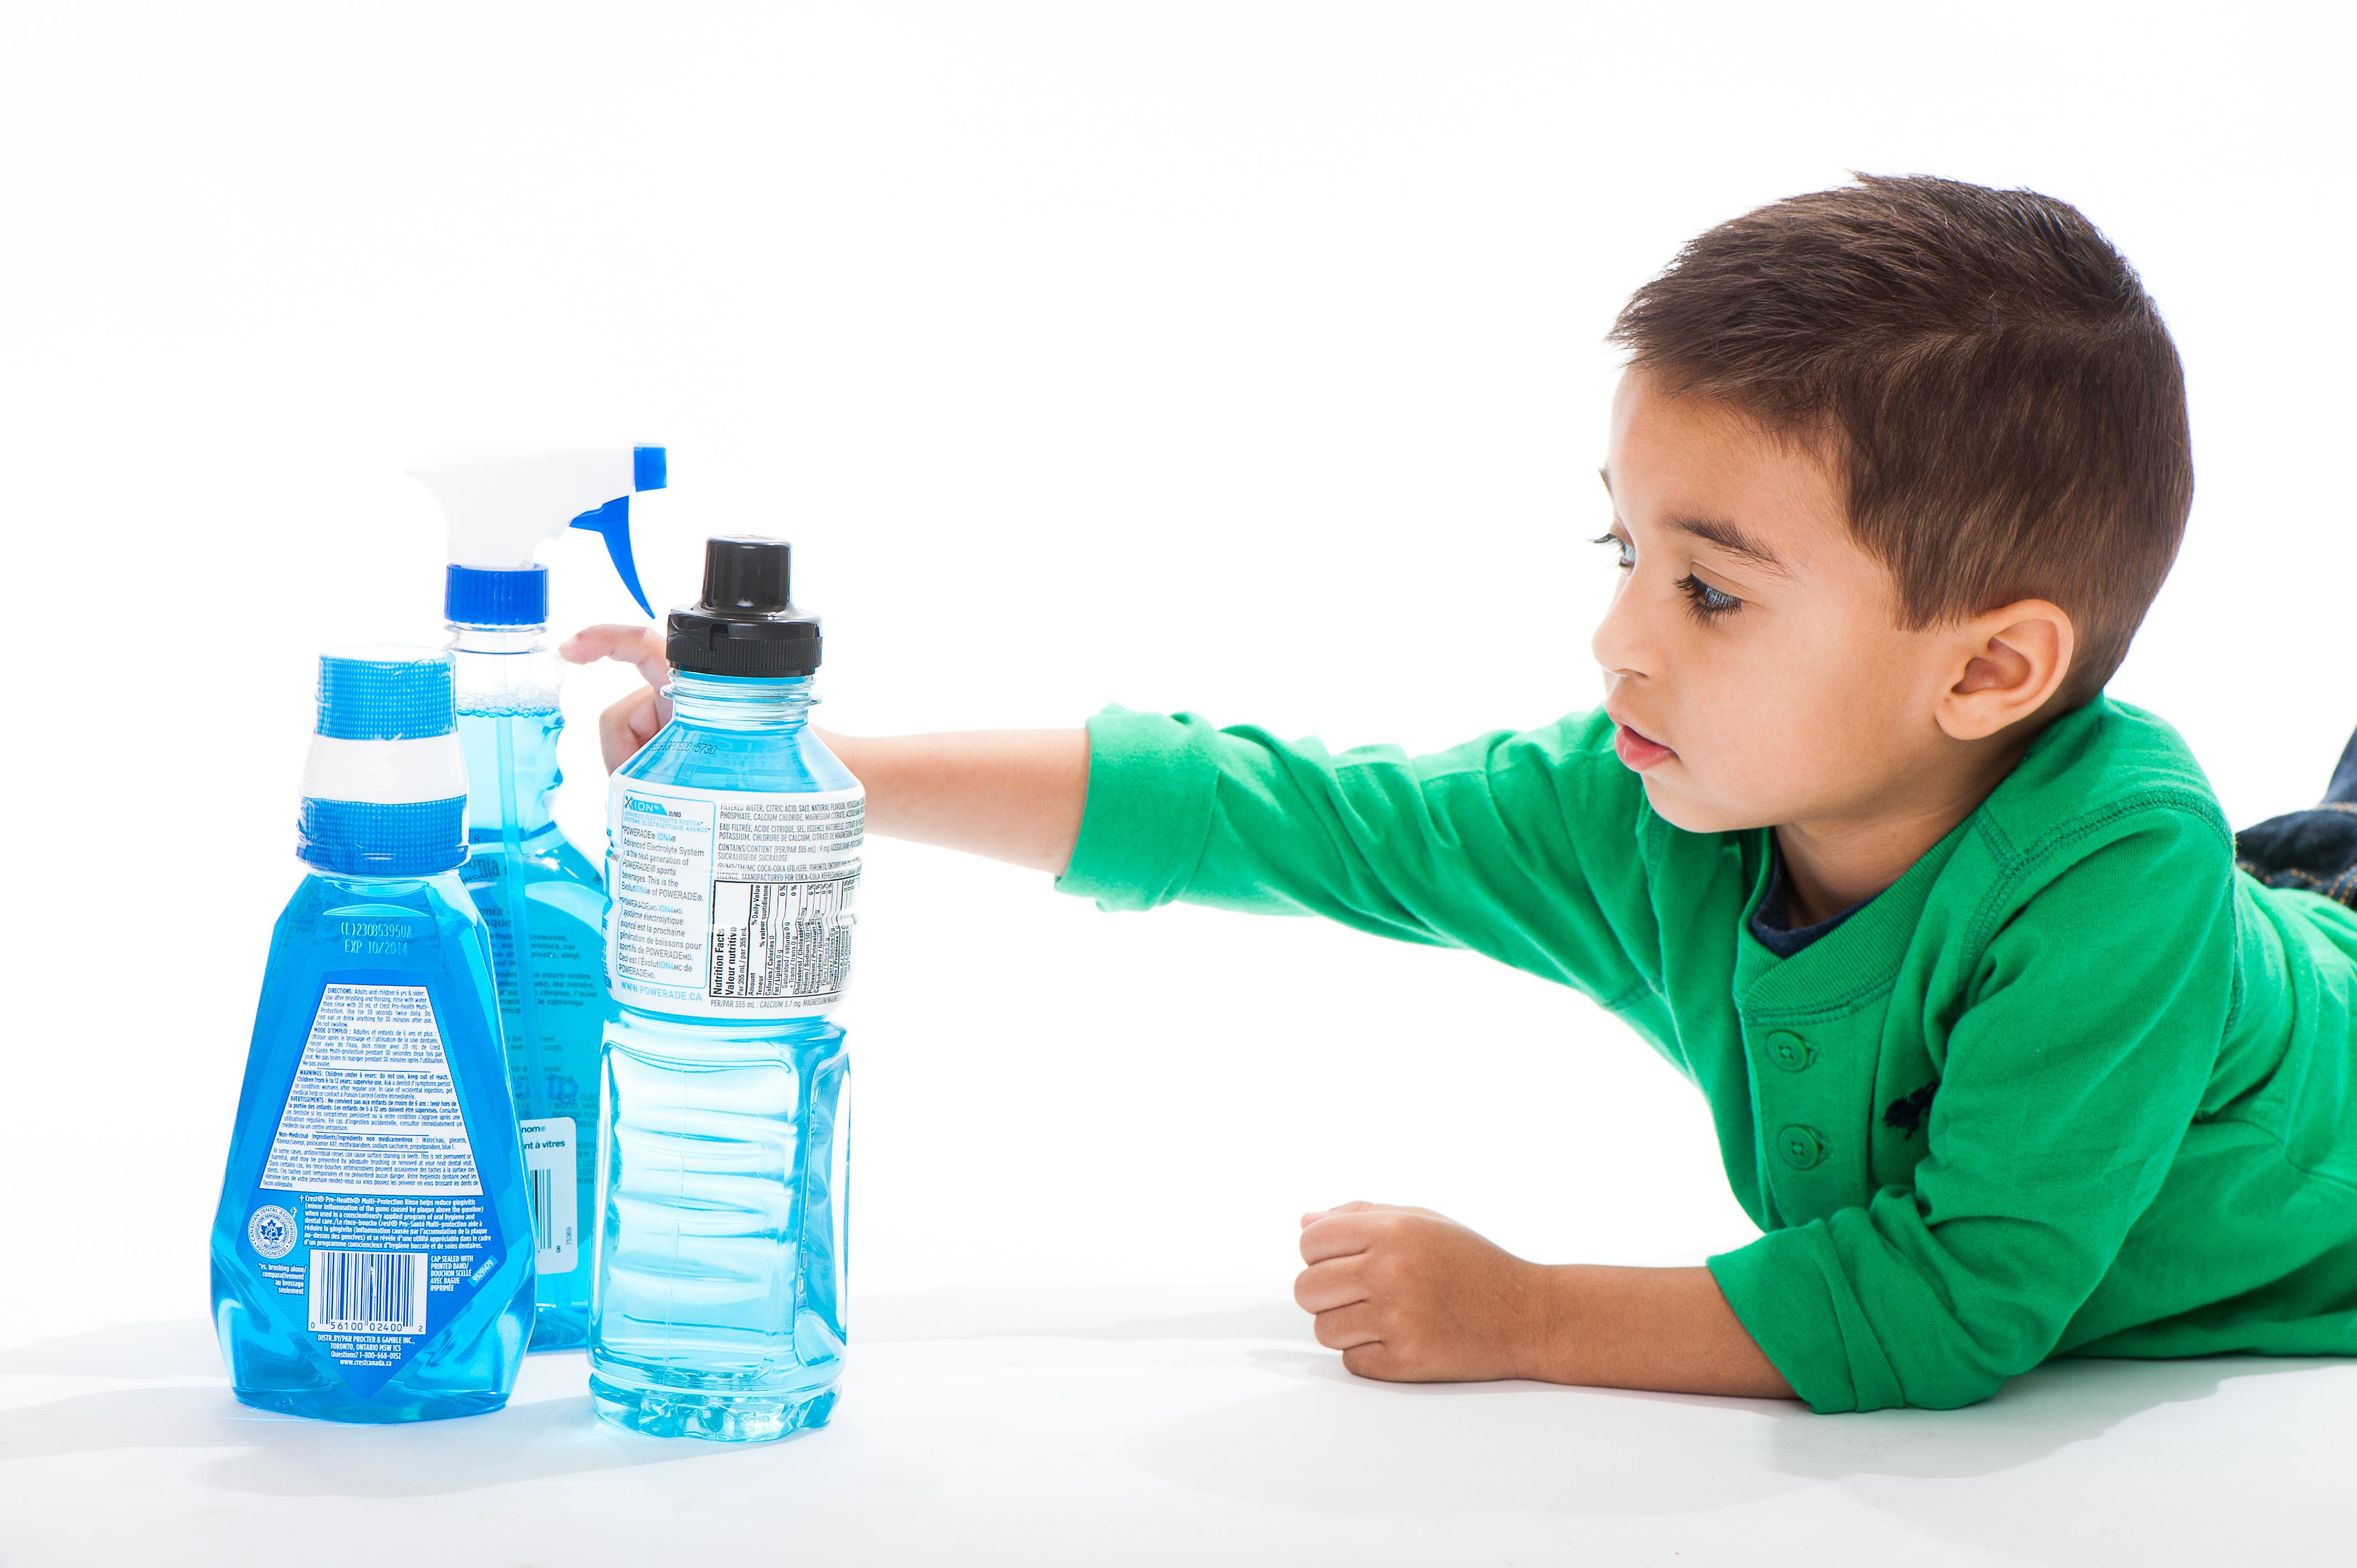 Δηλητηριάσεις στα παιδιά